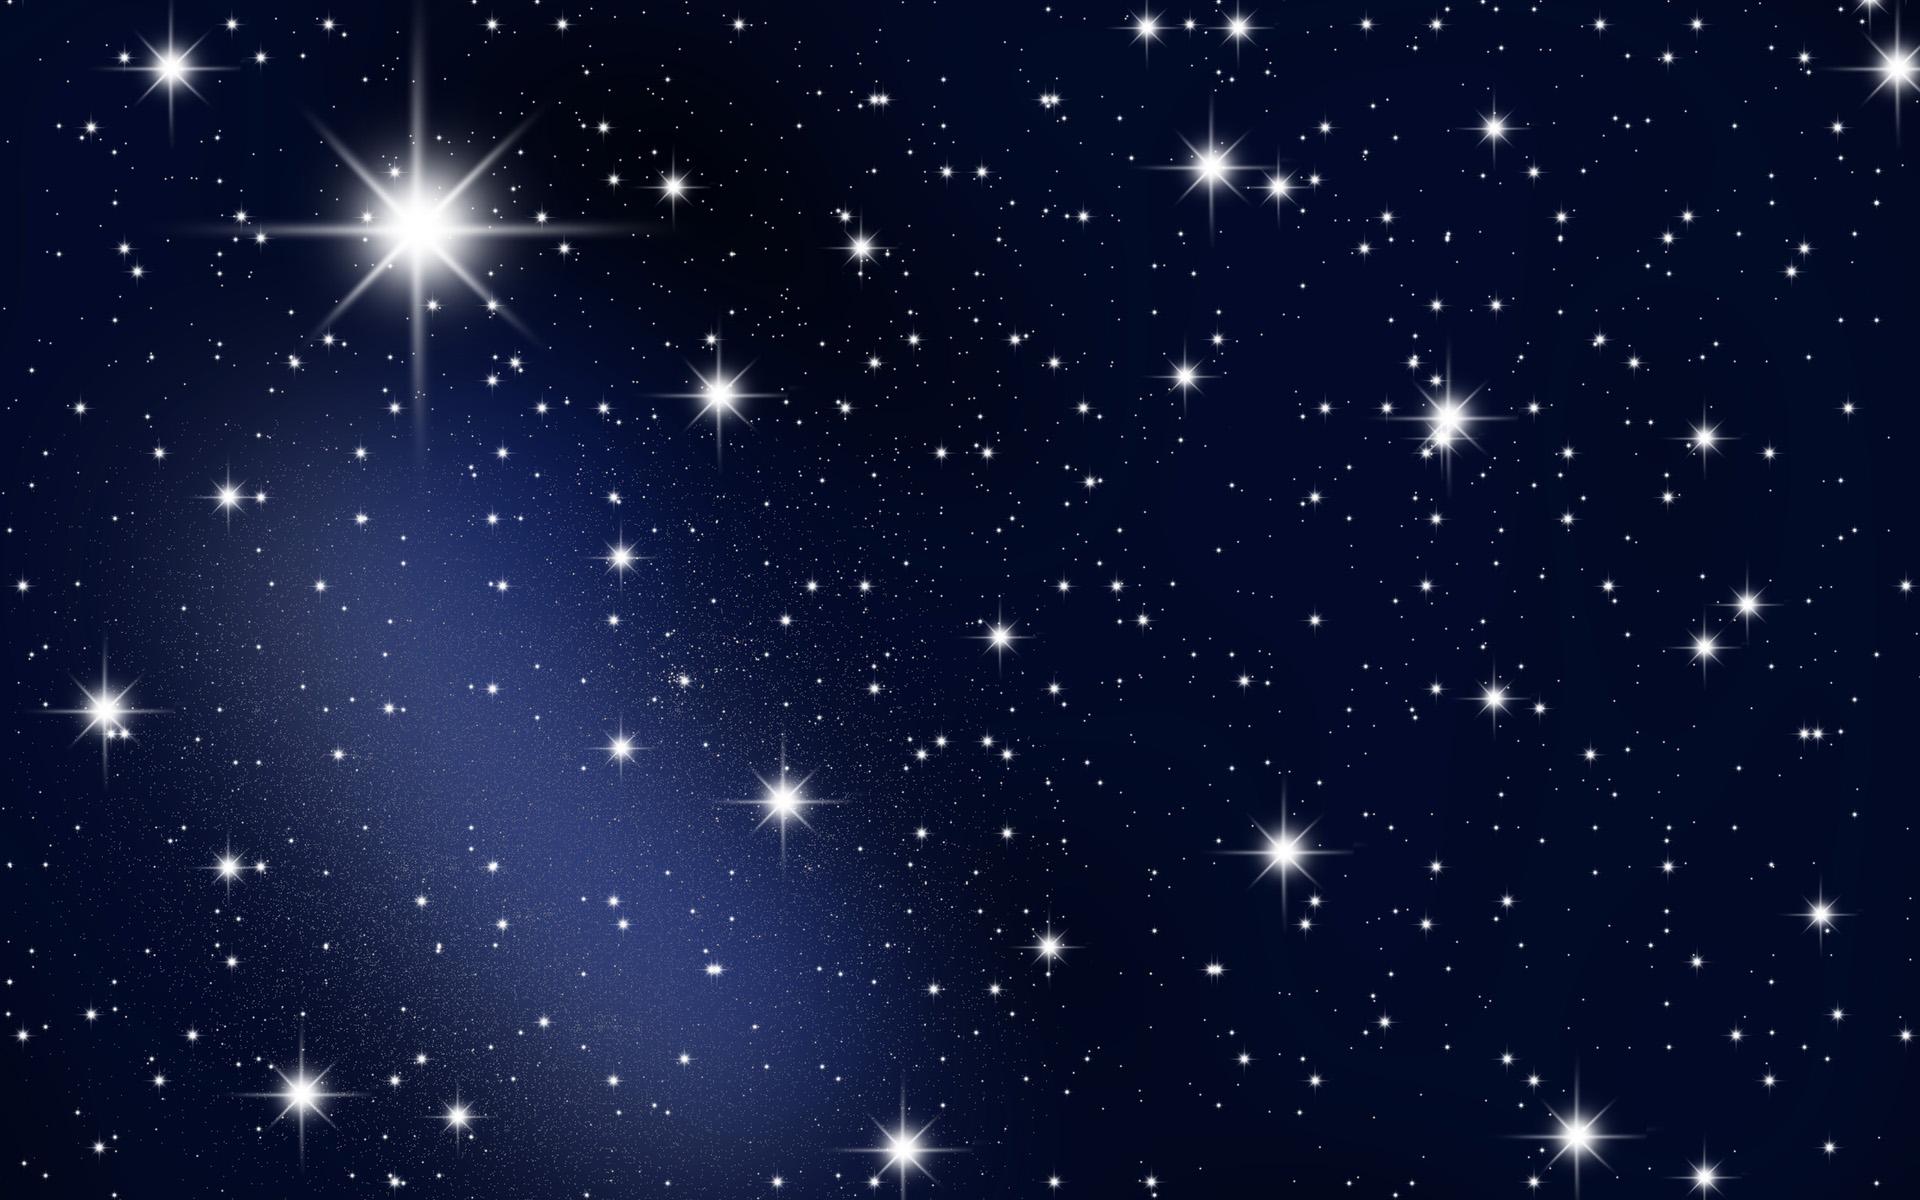 Stars HD Wallpaper Free Download